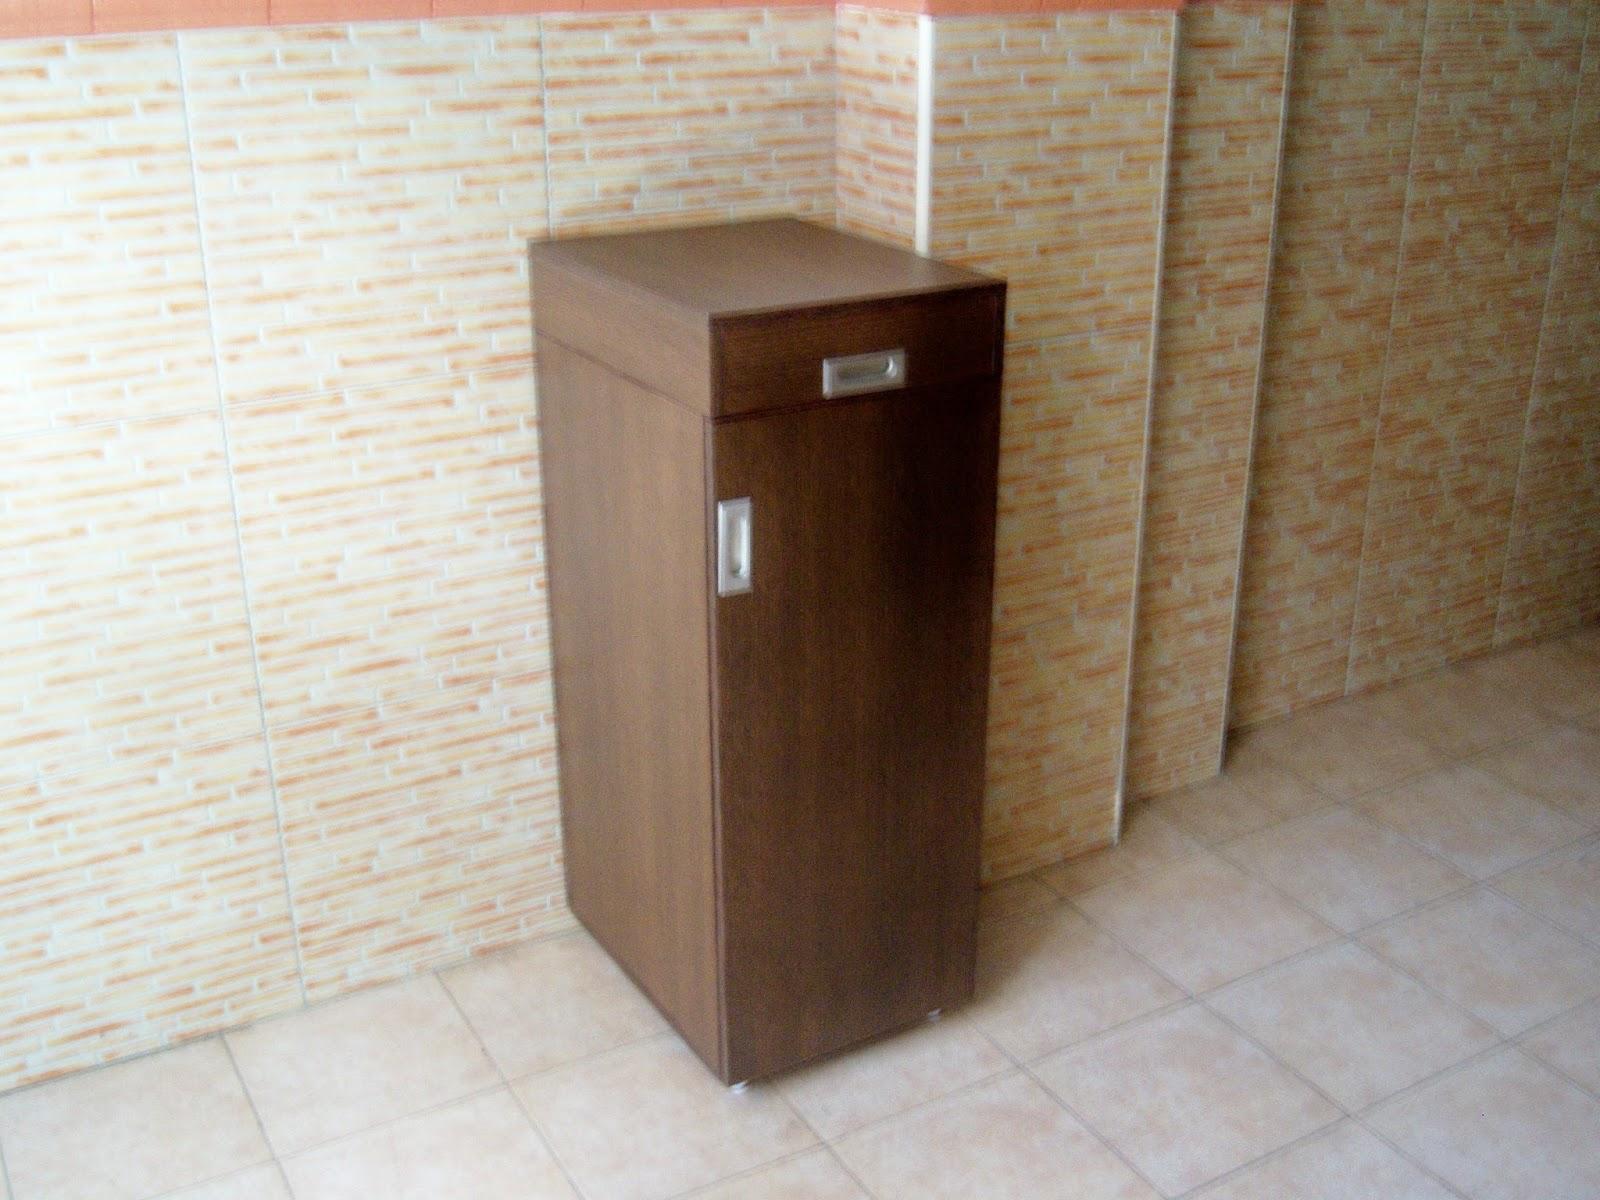 Bricolaje y aeromodelismo de pepe bosc bricolaje mueble para la plancha - Mueble de planchar ...